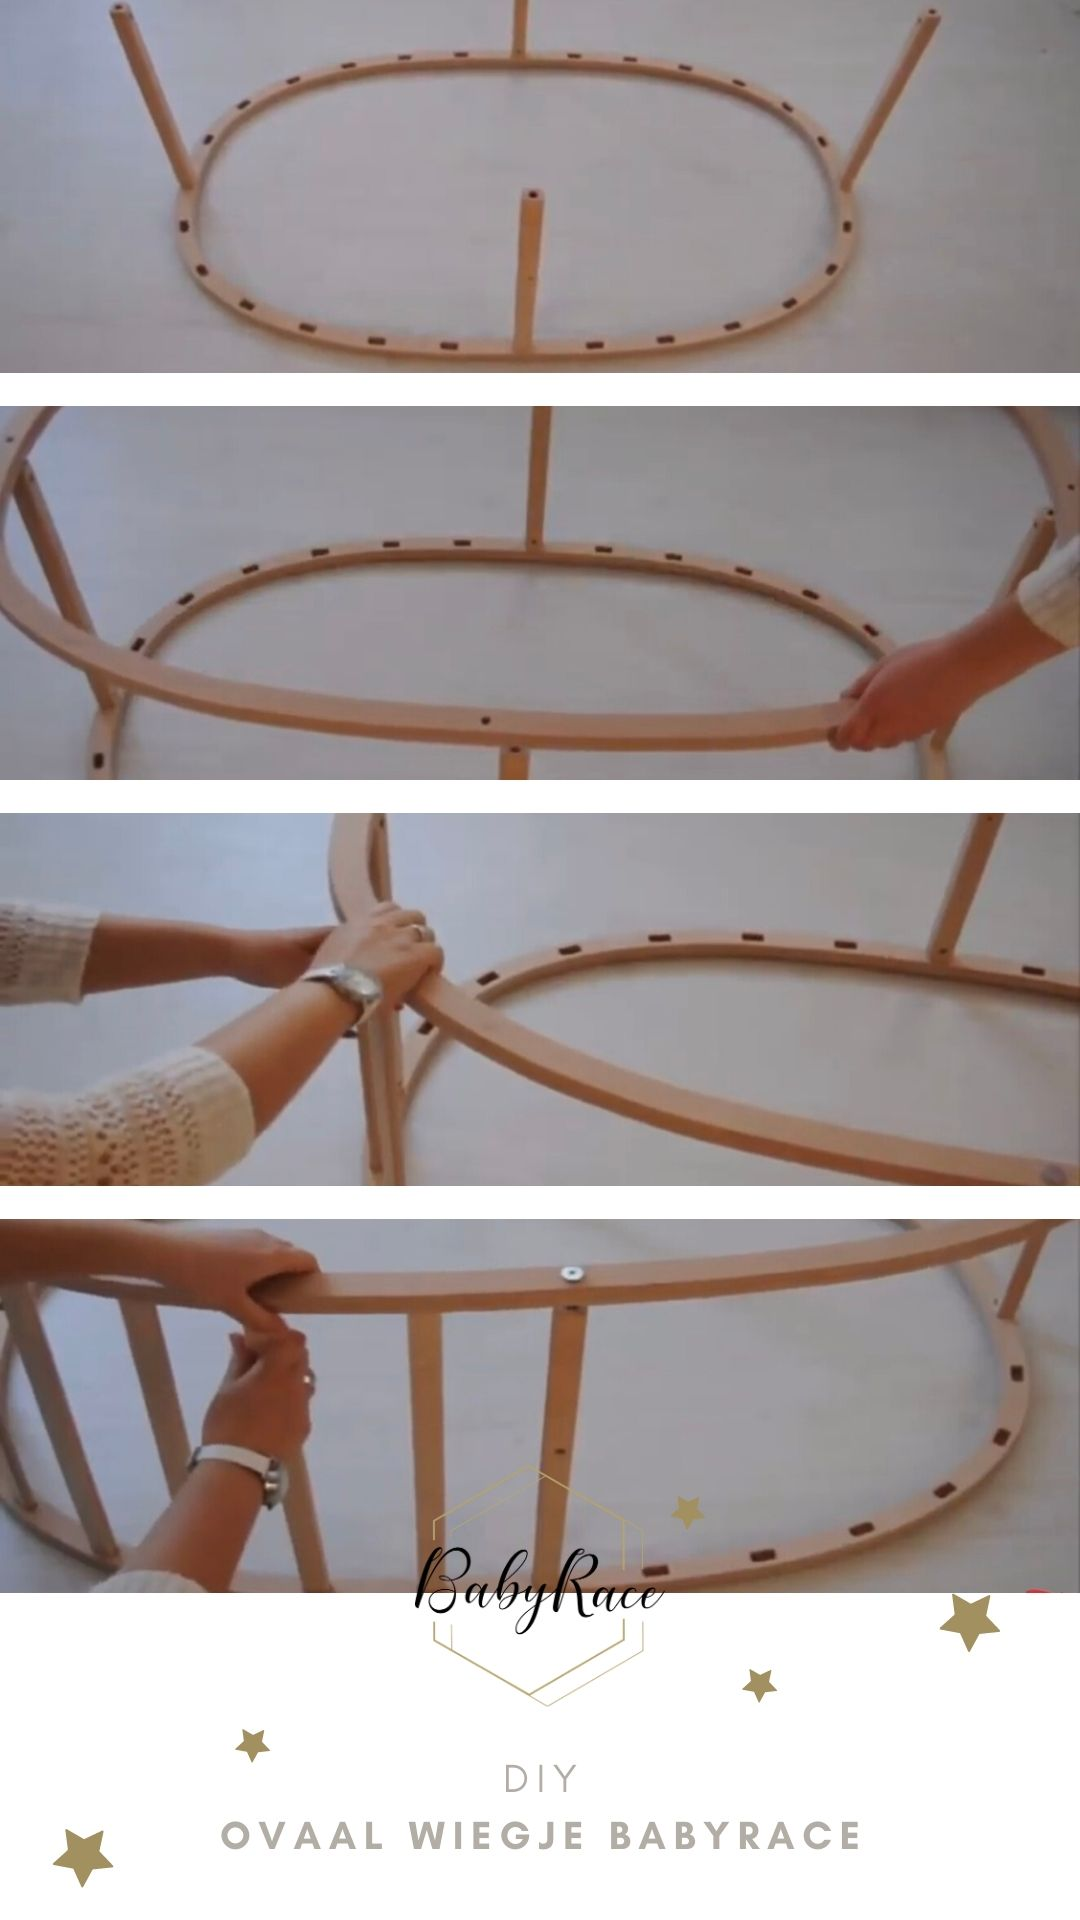 DIY ovaal wiegje BabyRace montage 1